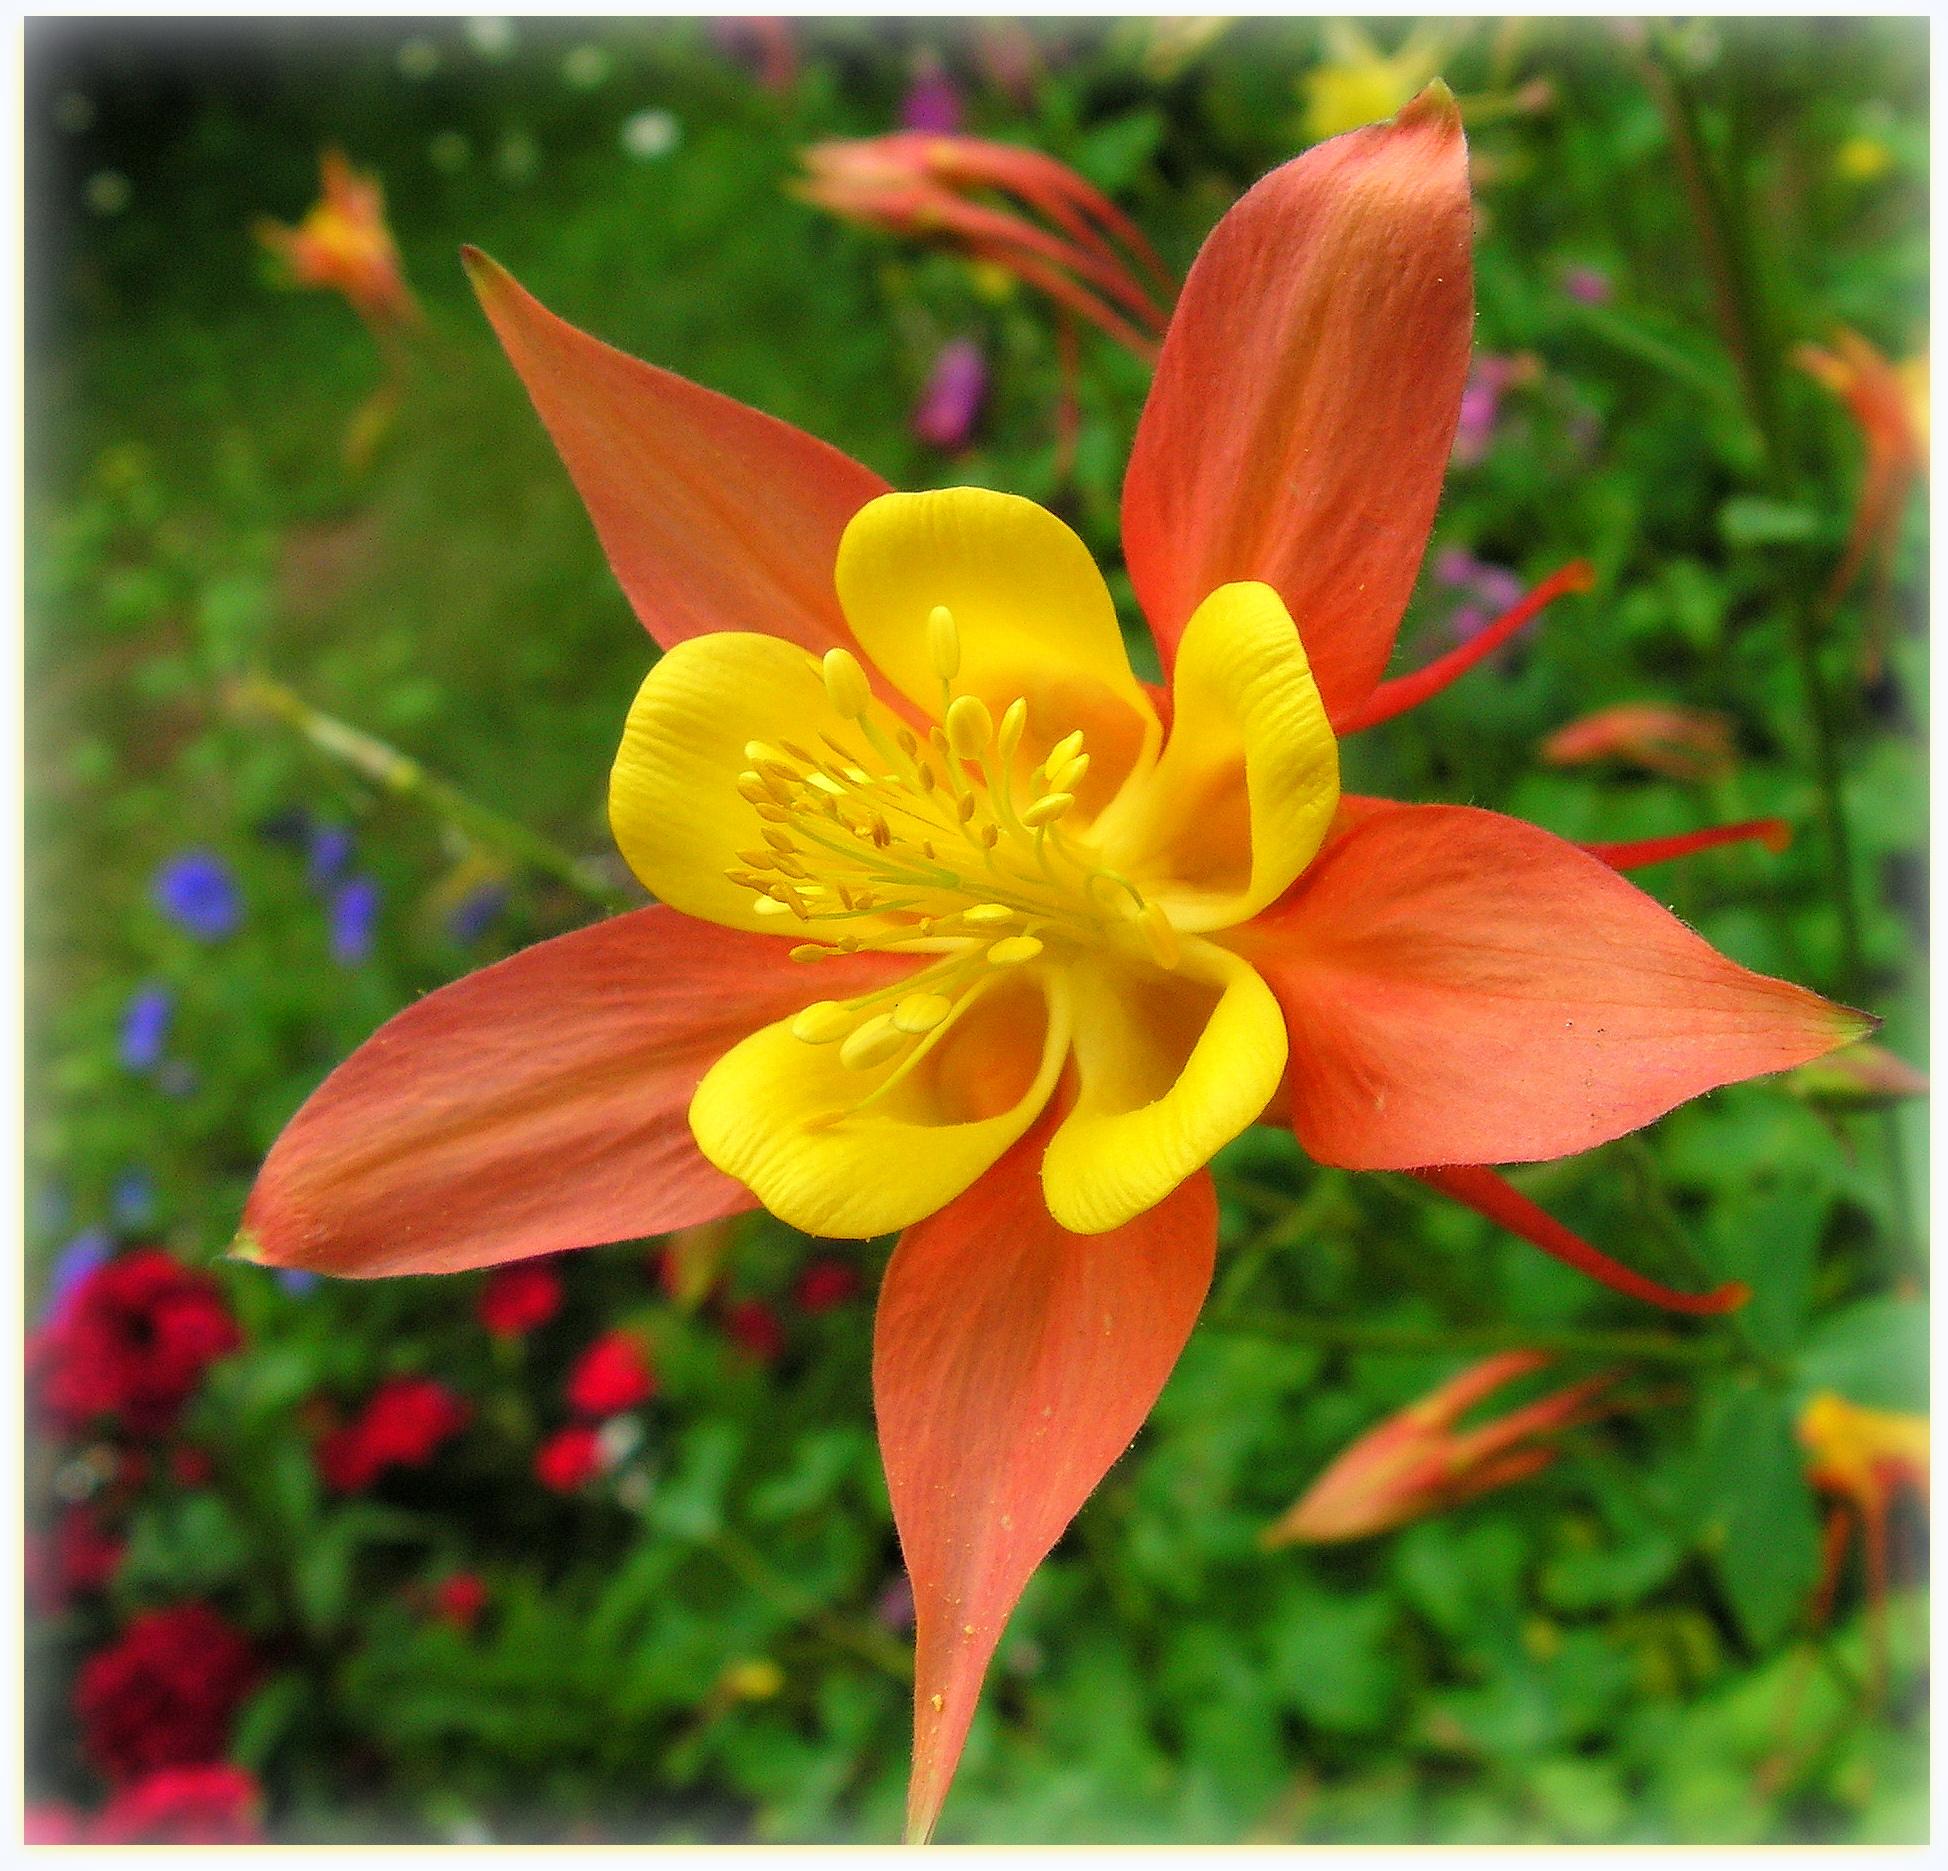 Orange And Yellow Columbine by JocelyneR